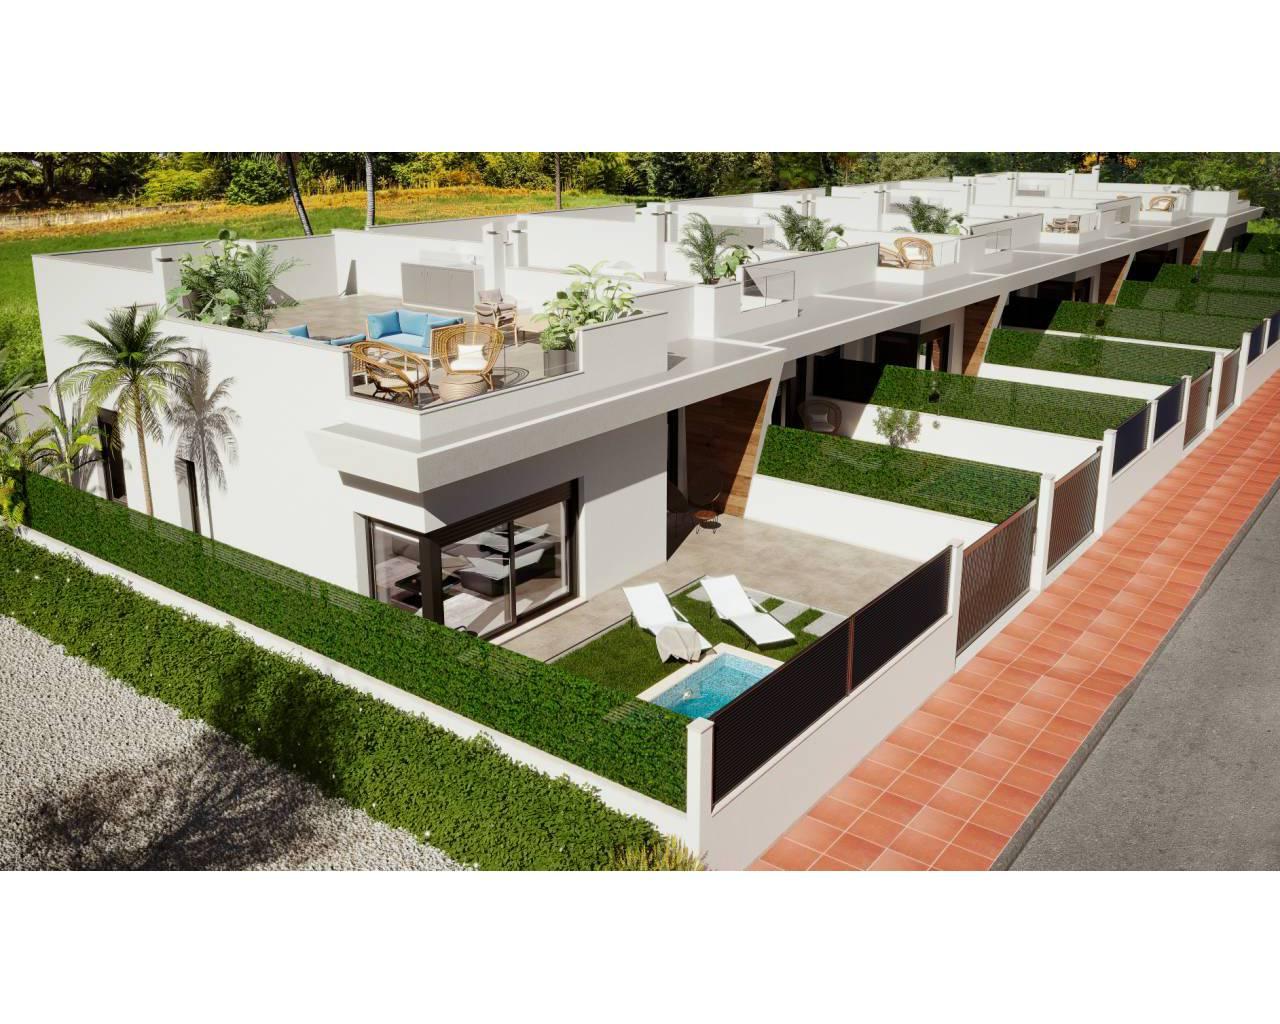 nieuwbouw-half-vrijstaande-villa-los-alcazares-roda-golf_4584_xl